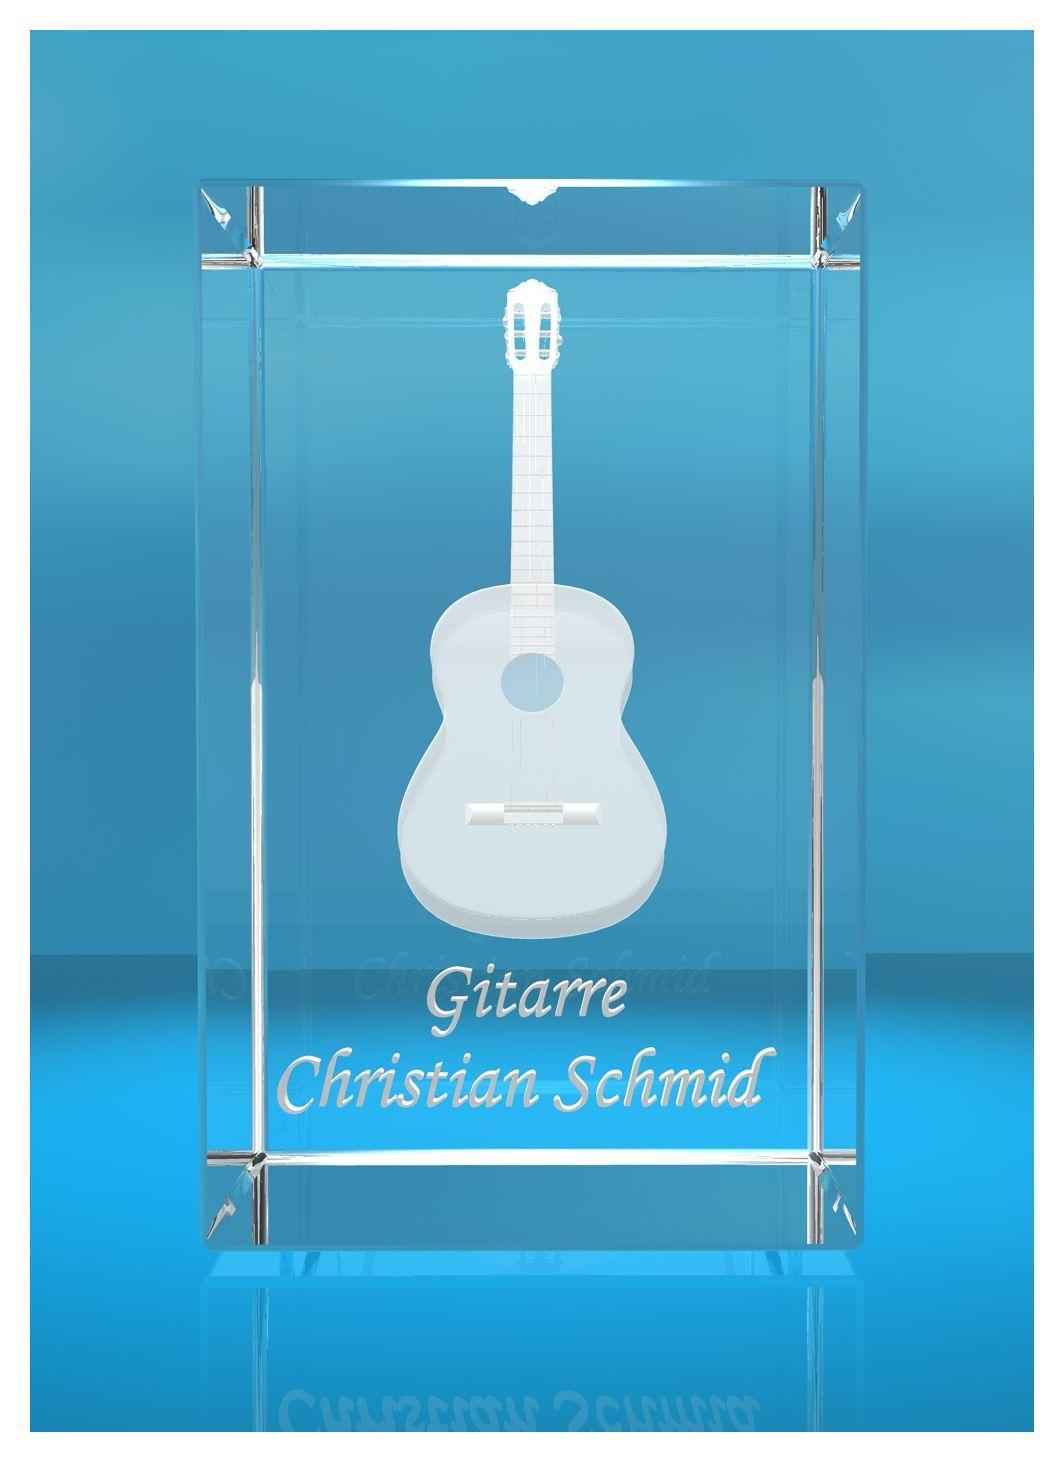 3D Glasquader | Gitarre No. 5 mit Wunschnamen | Geschenk für Gitarrist | Musiker | Bandmitglied | Akustikitarre | Konzertgitarre